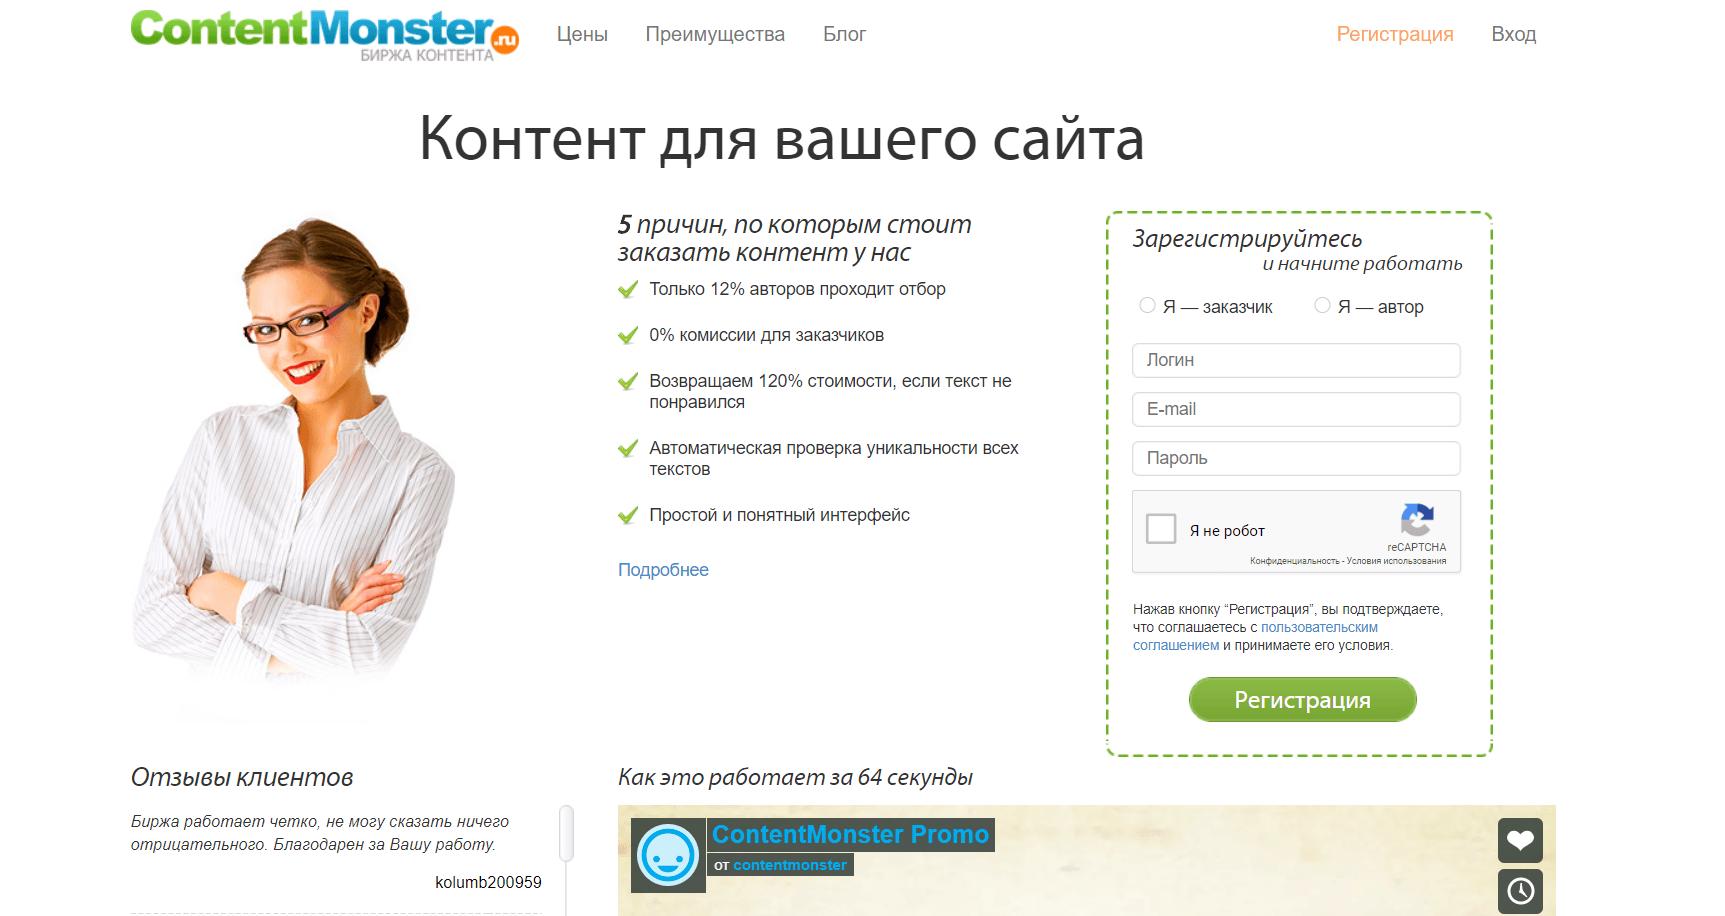 ContentMonster - неплохая биржа контента для новичков